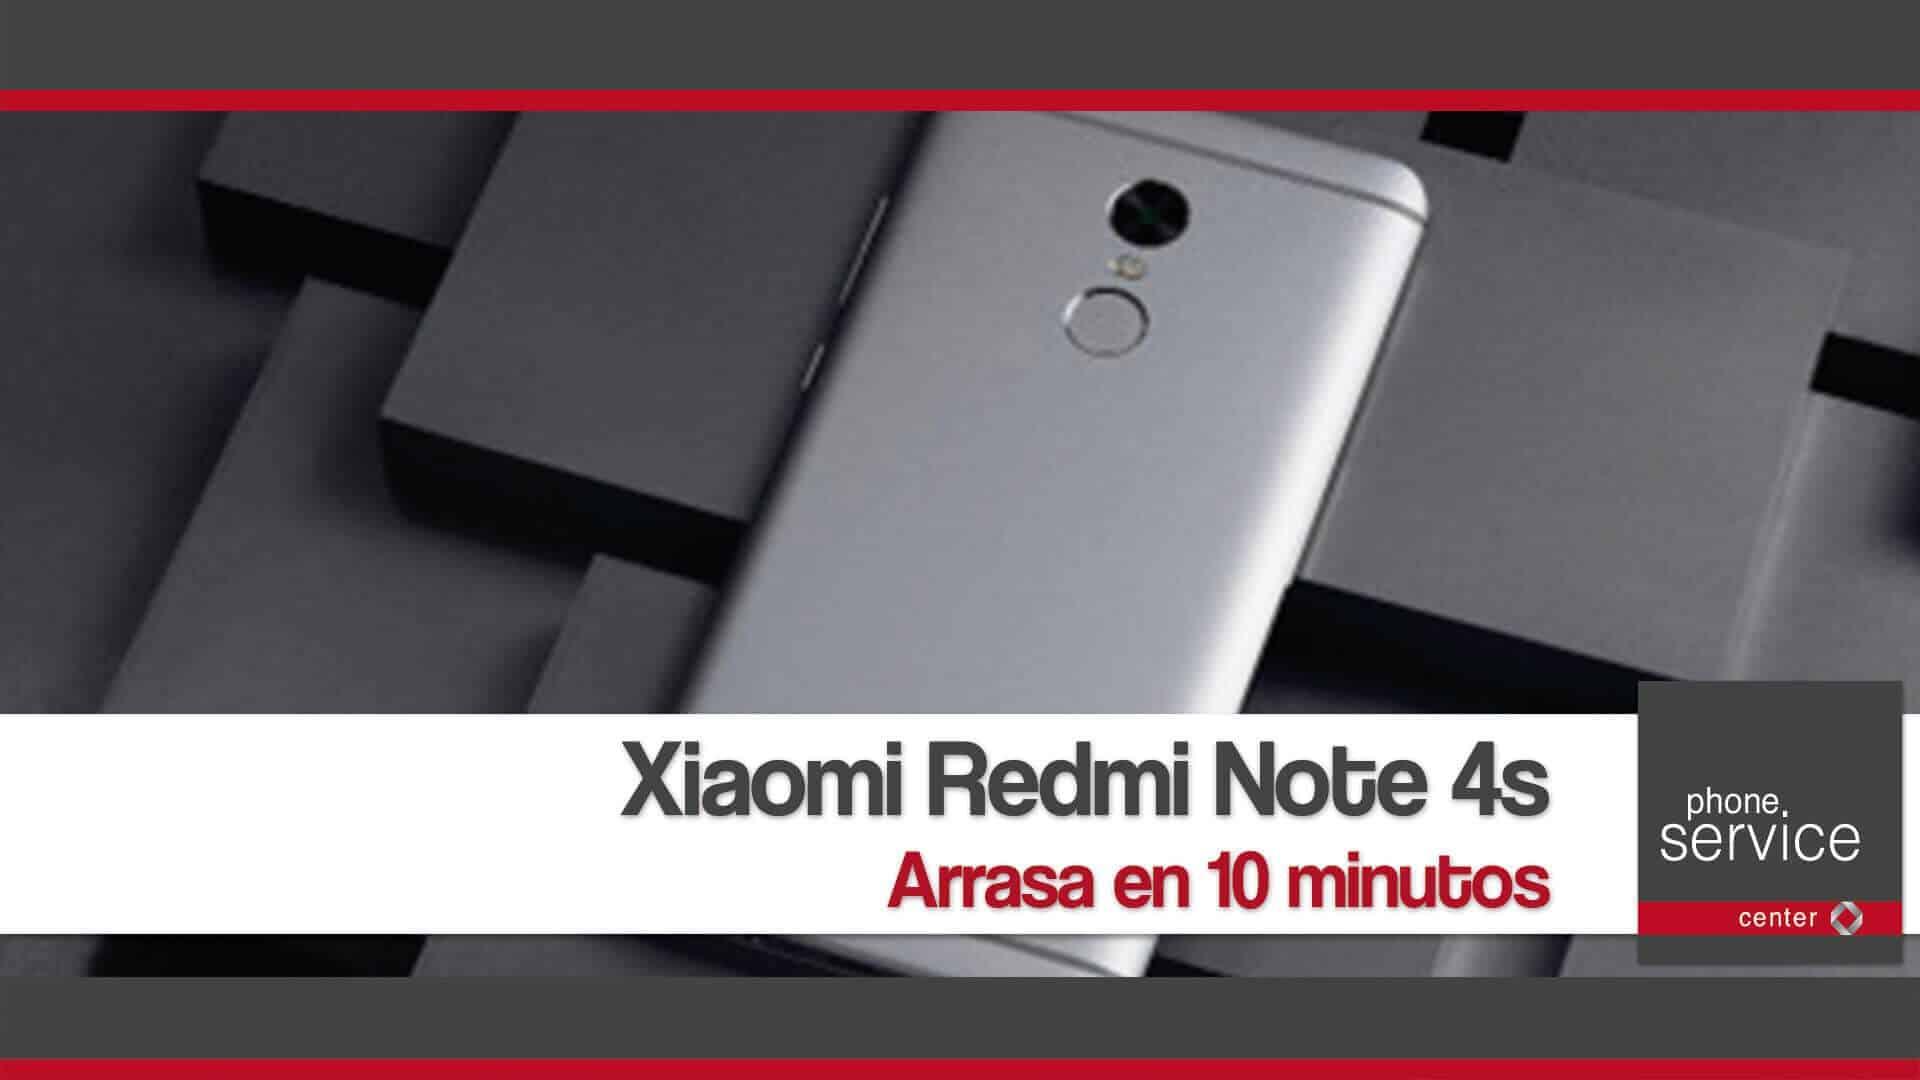 Xiaomi Redmi Note 4s arrasa en 10 minutos